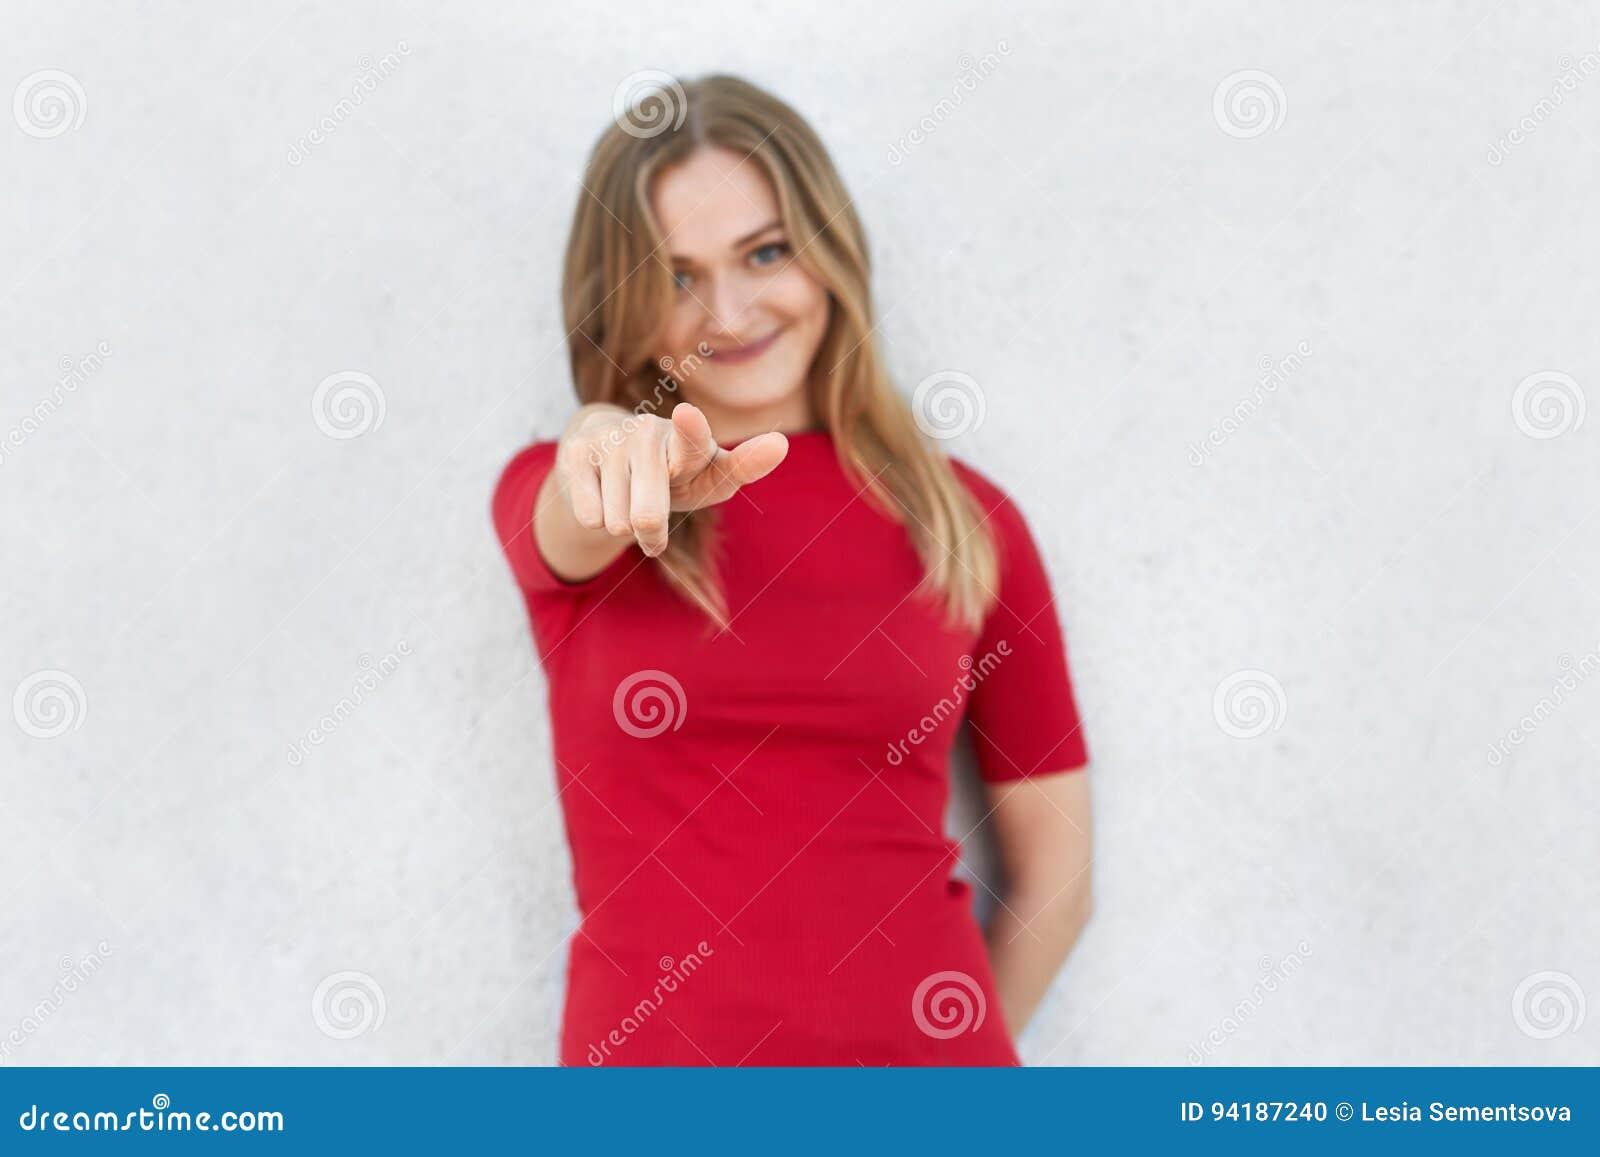 Σας επιλέγω! Καλλιεργημένος πυροβολισμός της γυναίκας στην κόκκινη υπόδειξη φορεμάτων στη κάμερα με το αντίχειρα που απομονώνεται